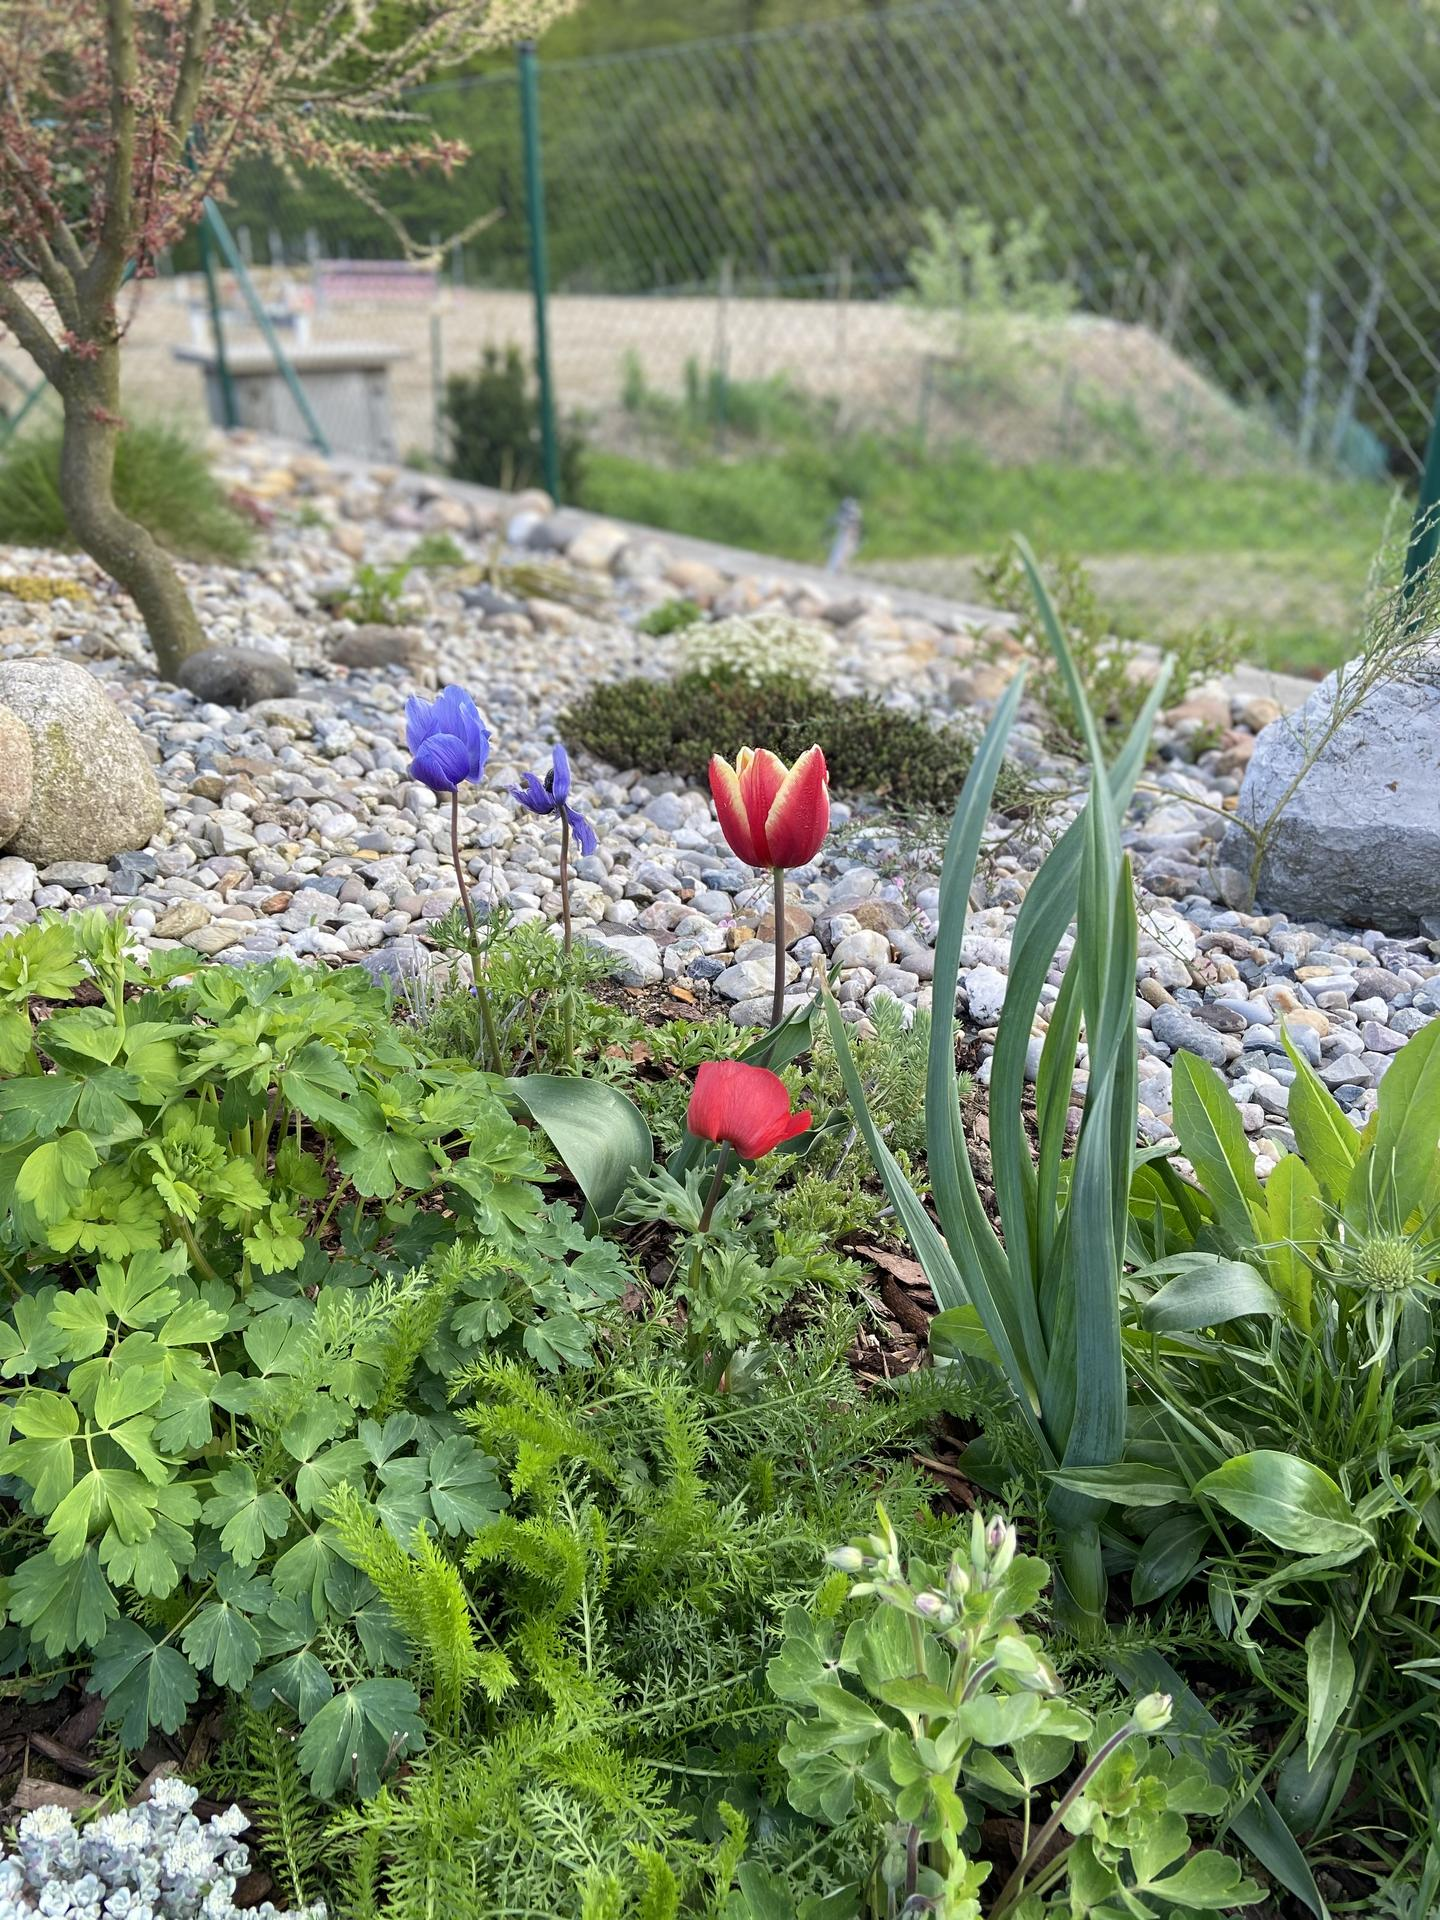 Pergola + zimní zahrada + zahrada - to modré ani nevím co je, sázela jsem cibuloviny z Lidlu a zahodila obal